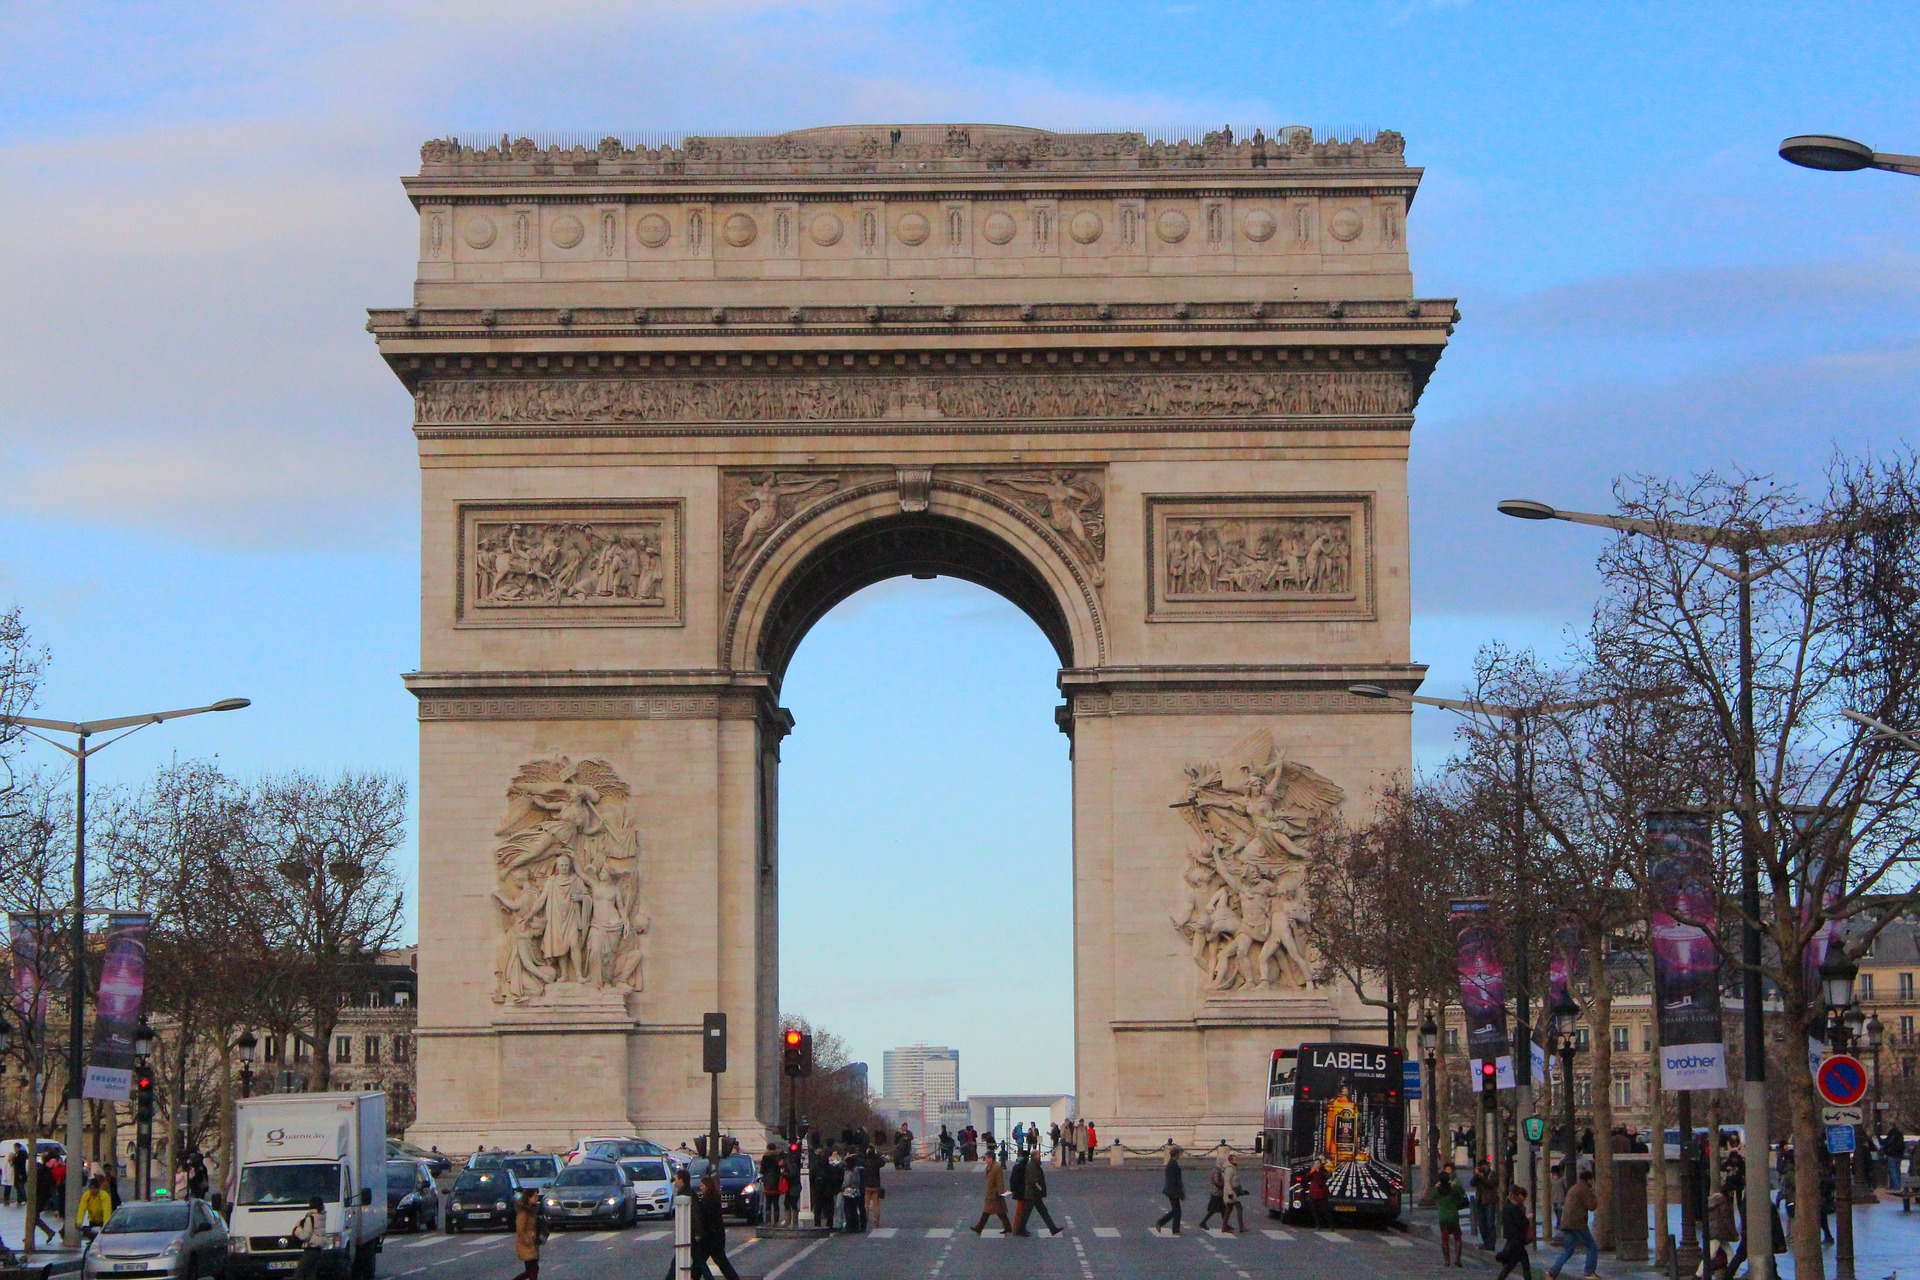 un aperçu de la place Charles De Gaulle qui sera prise d'assaut par les Français à l'occasion (c) Pixabay